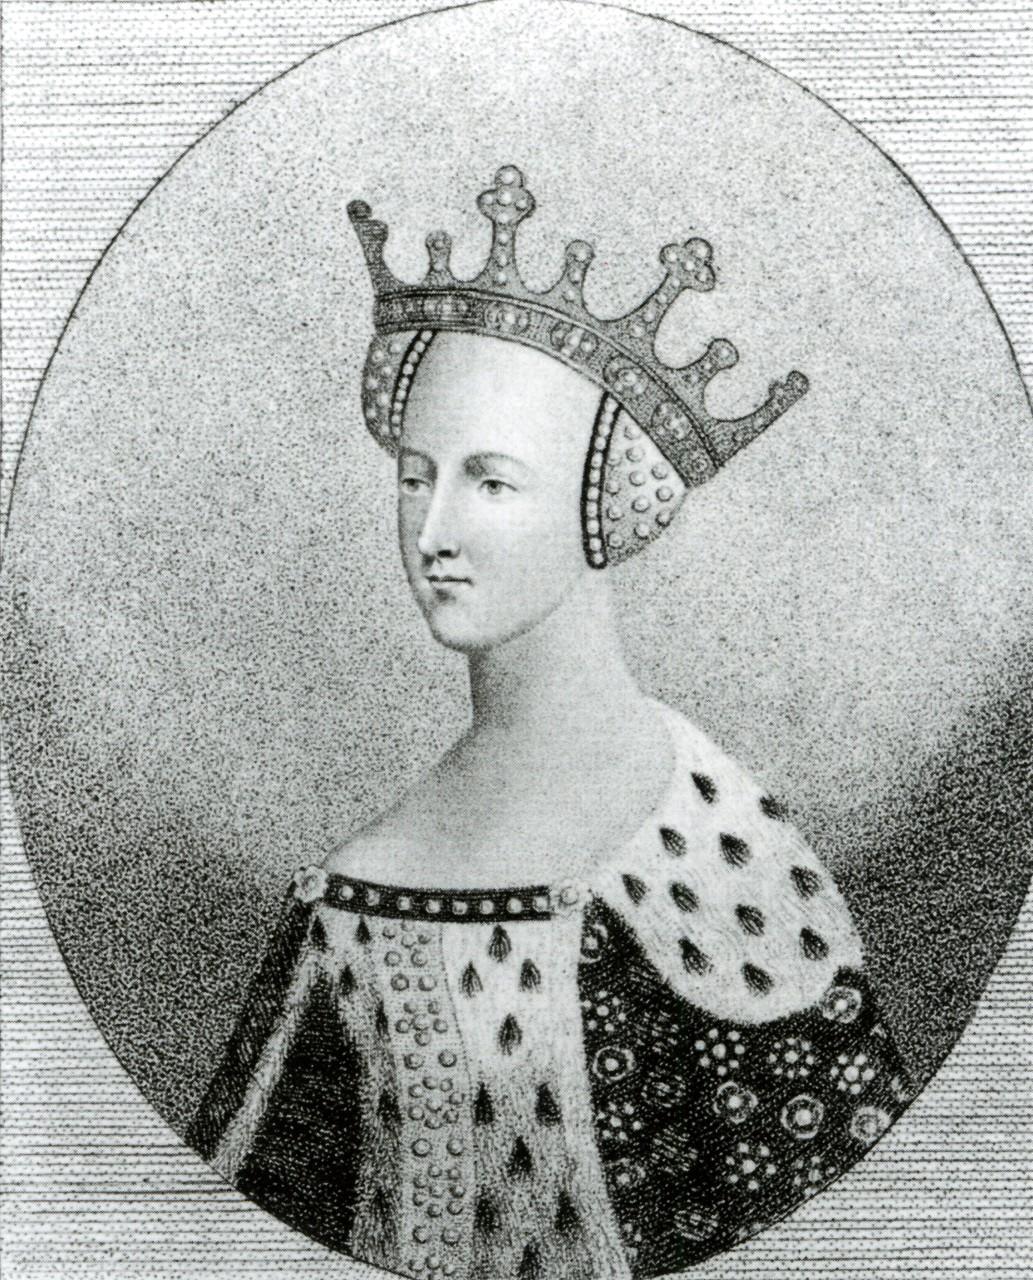 キャサリン・オブ・ヴァロワ